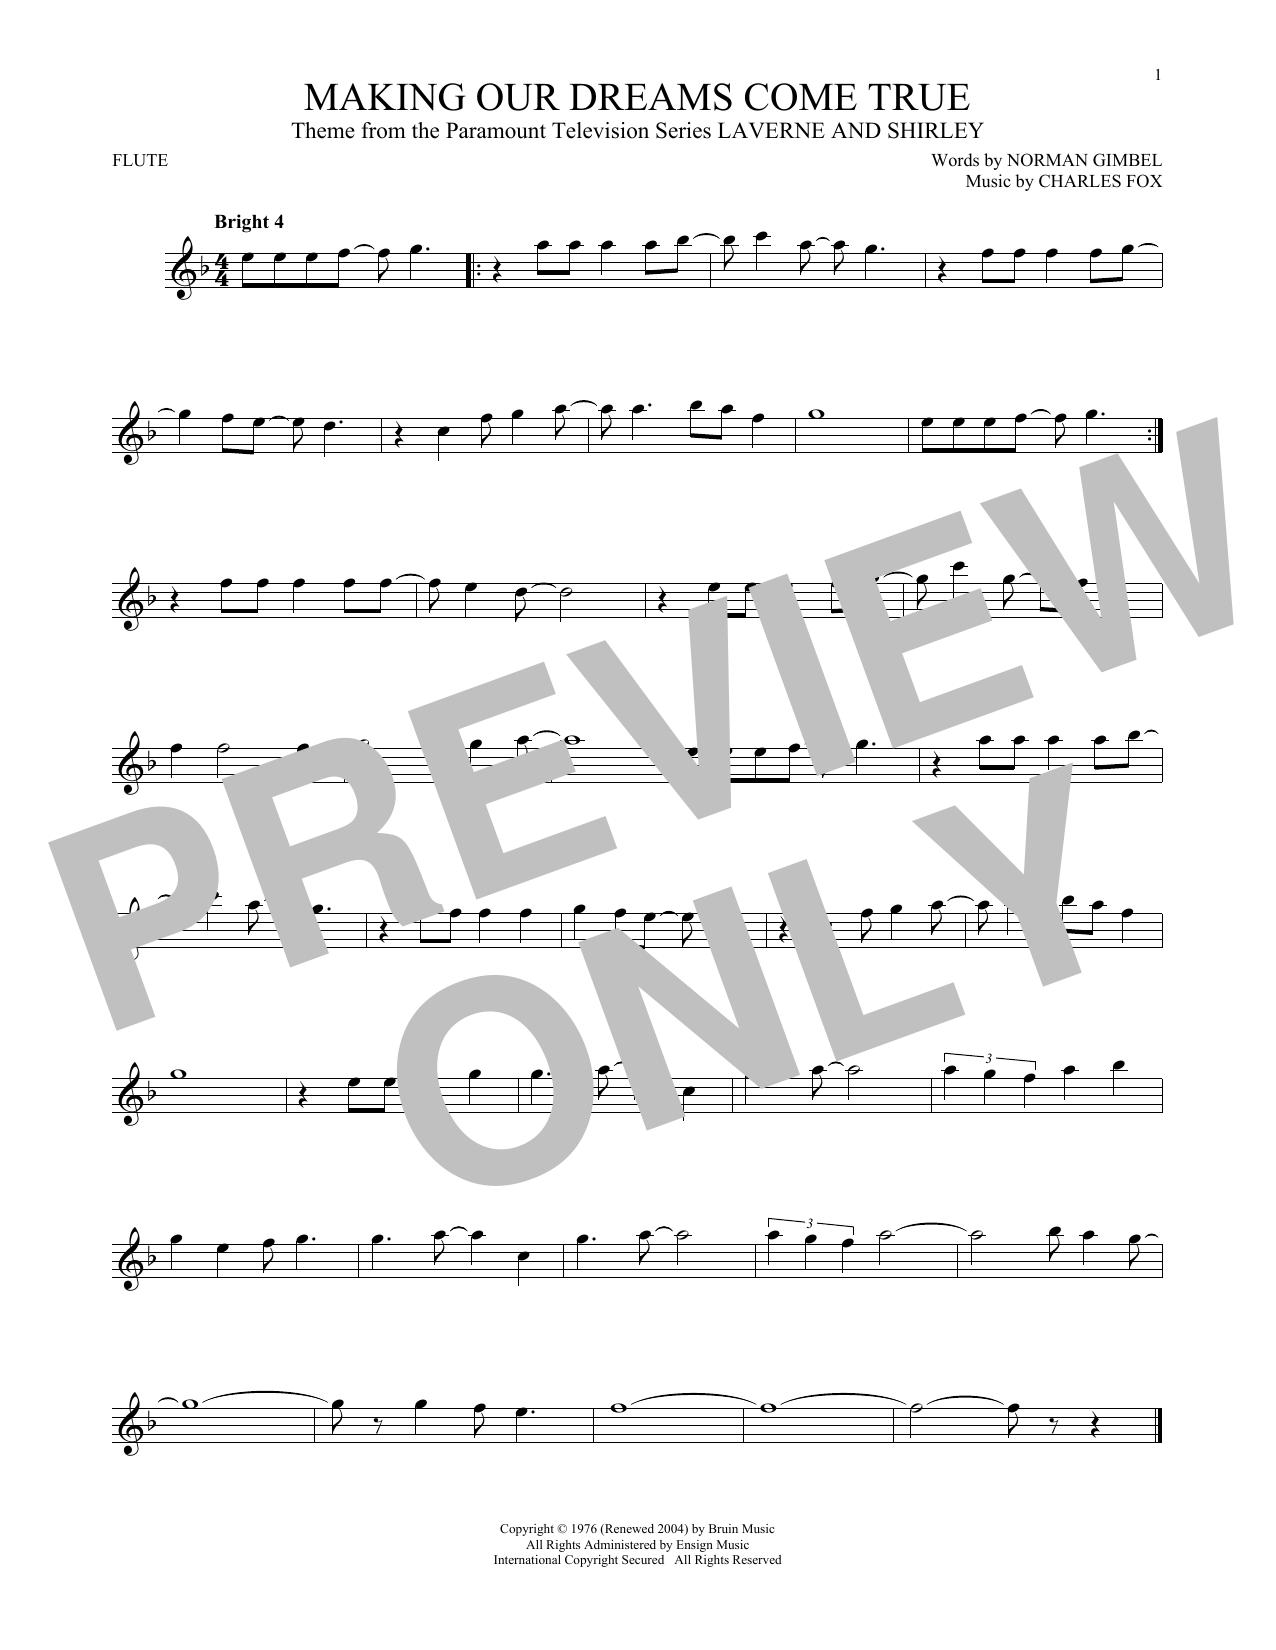 Partition flûte Making Our Dreams Come True de Norman Gimbel & Charles Fox - Flute traversiere